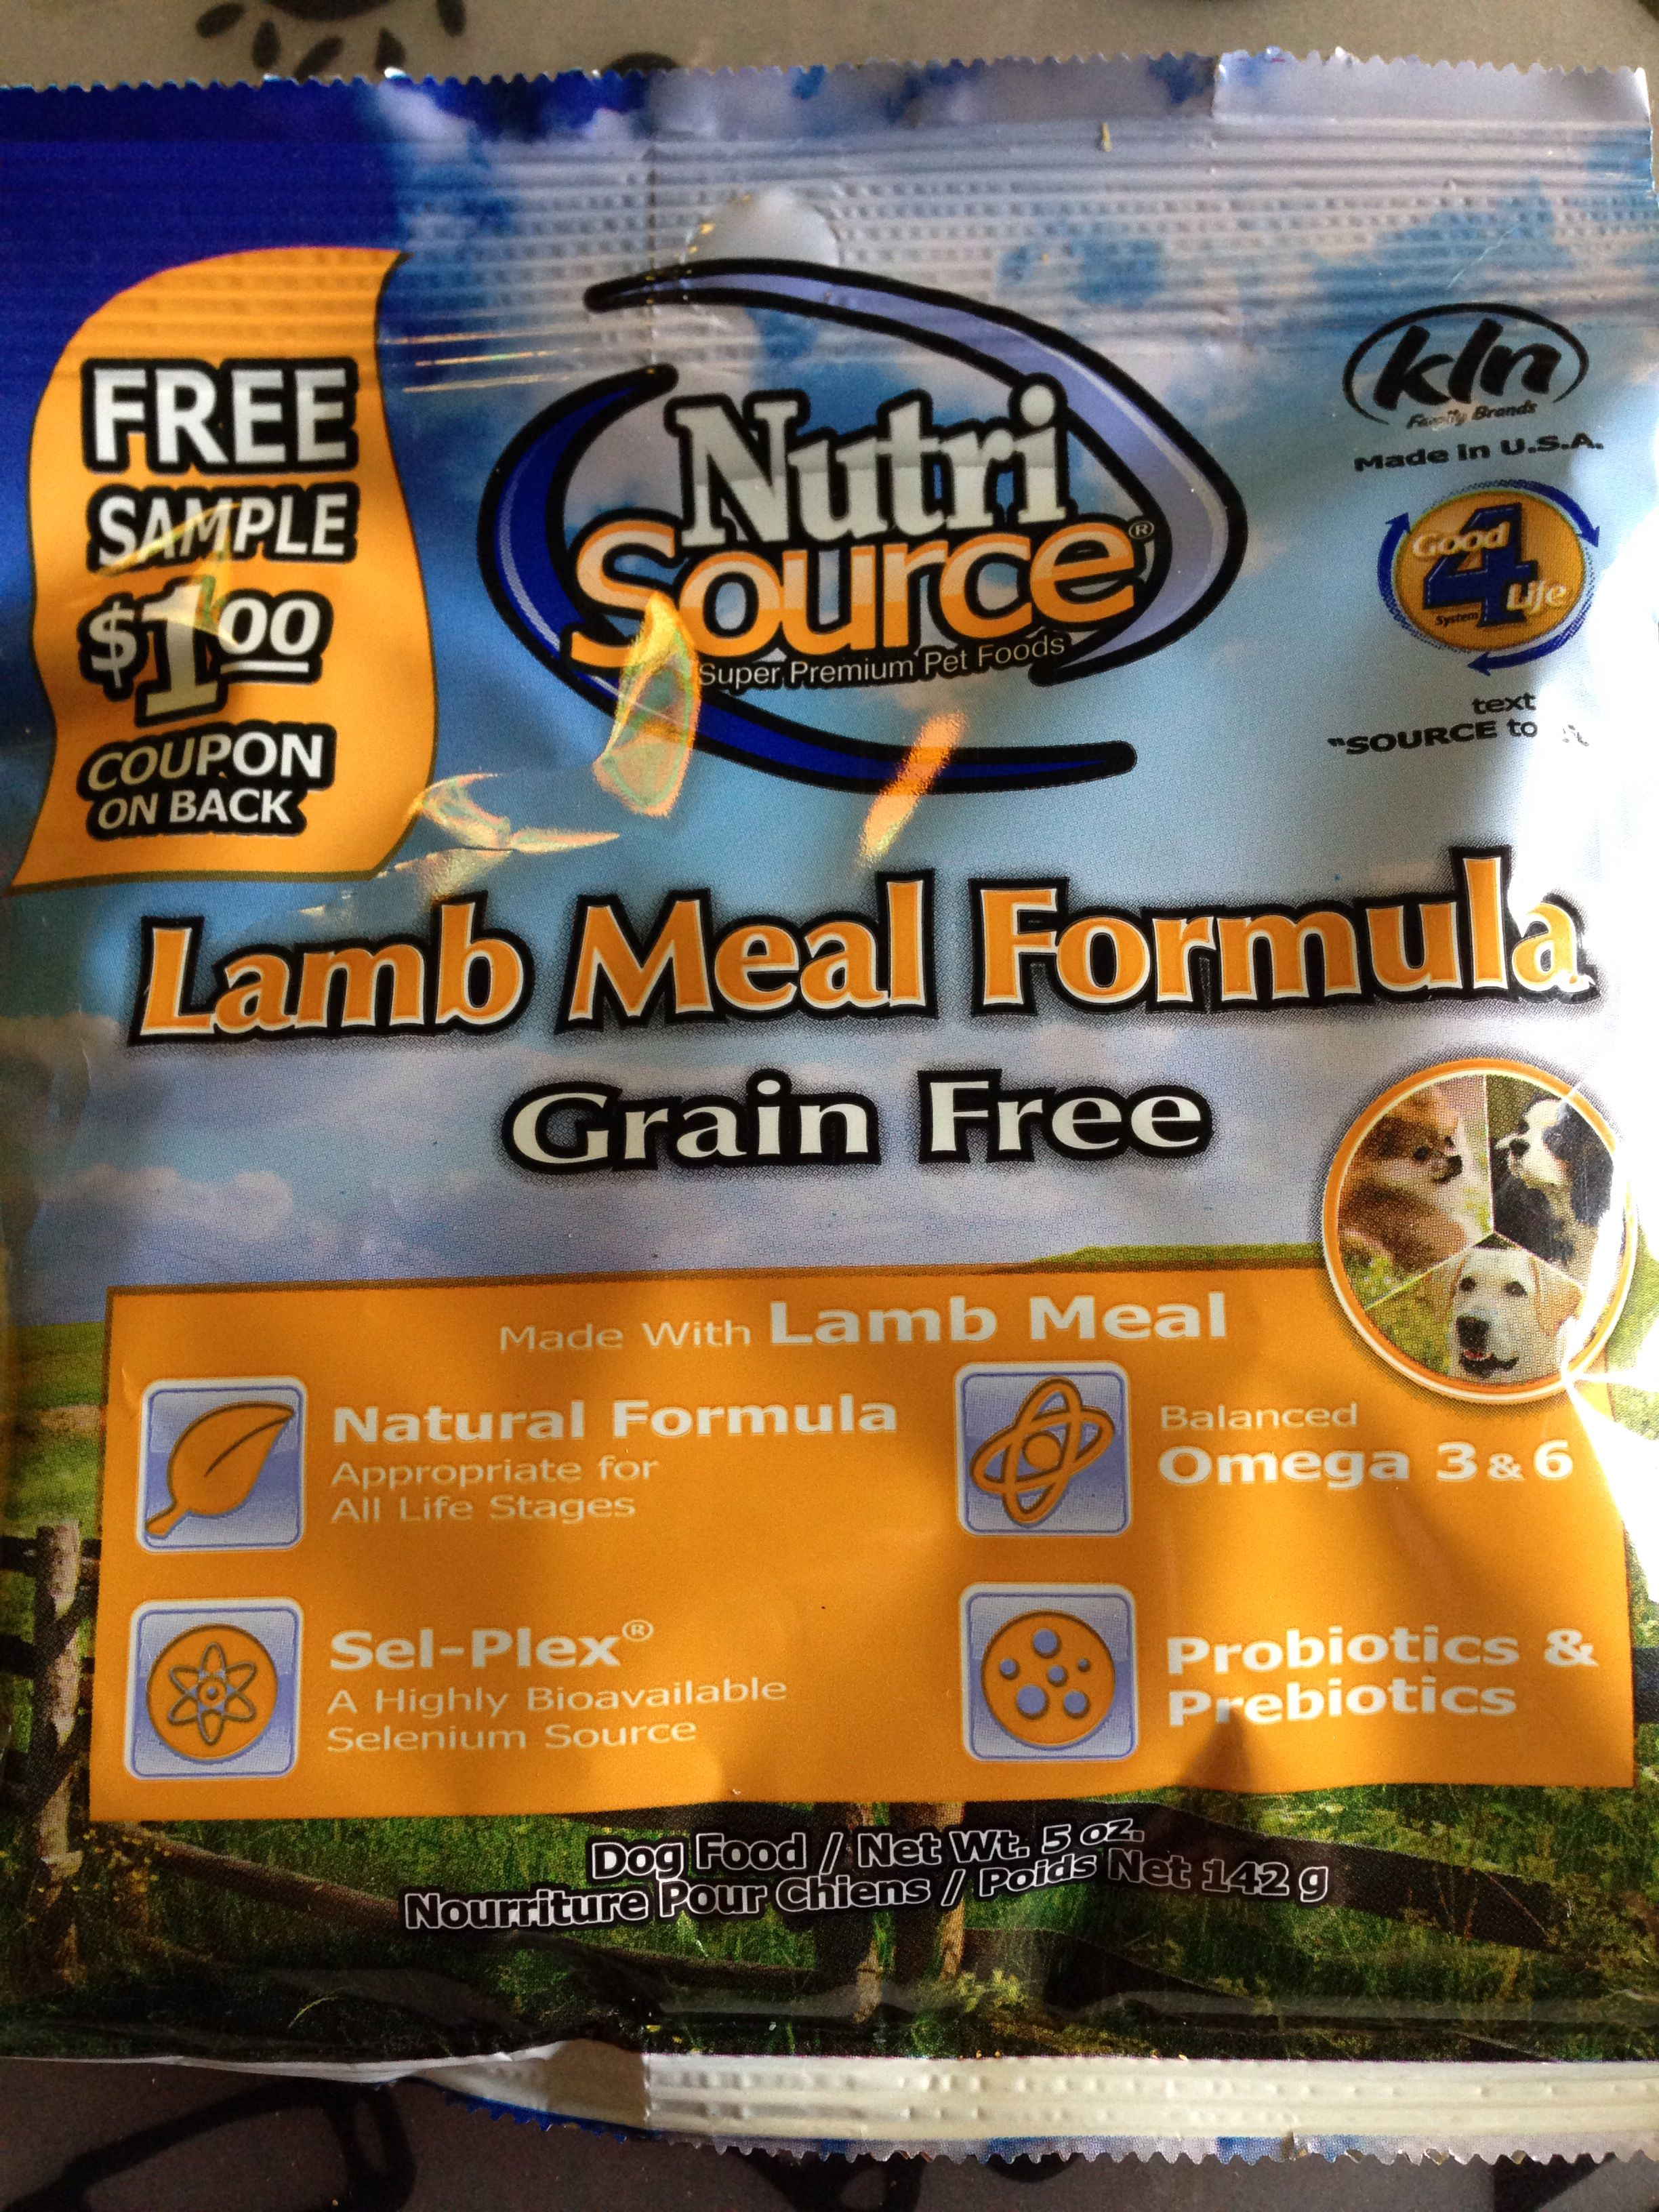 Nutri source lamb meal formula grain free dog food